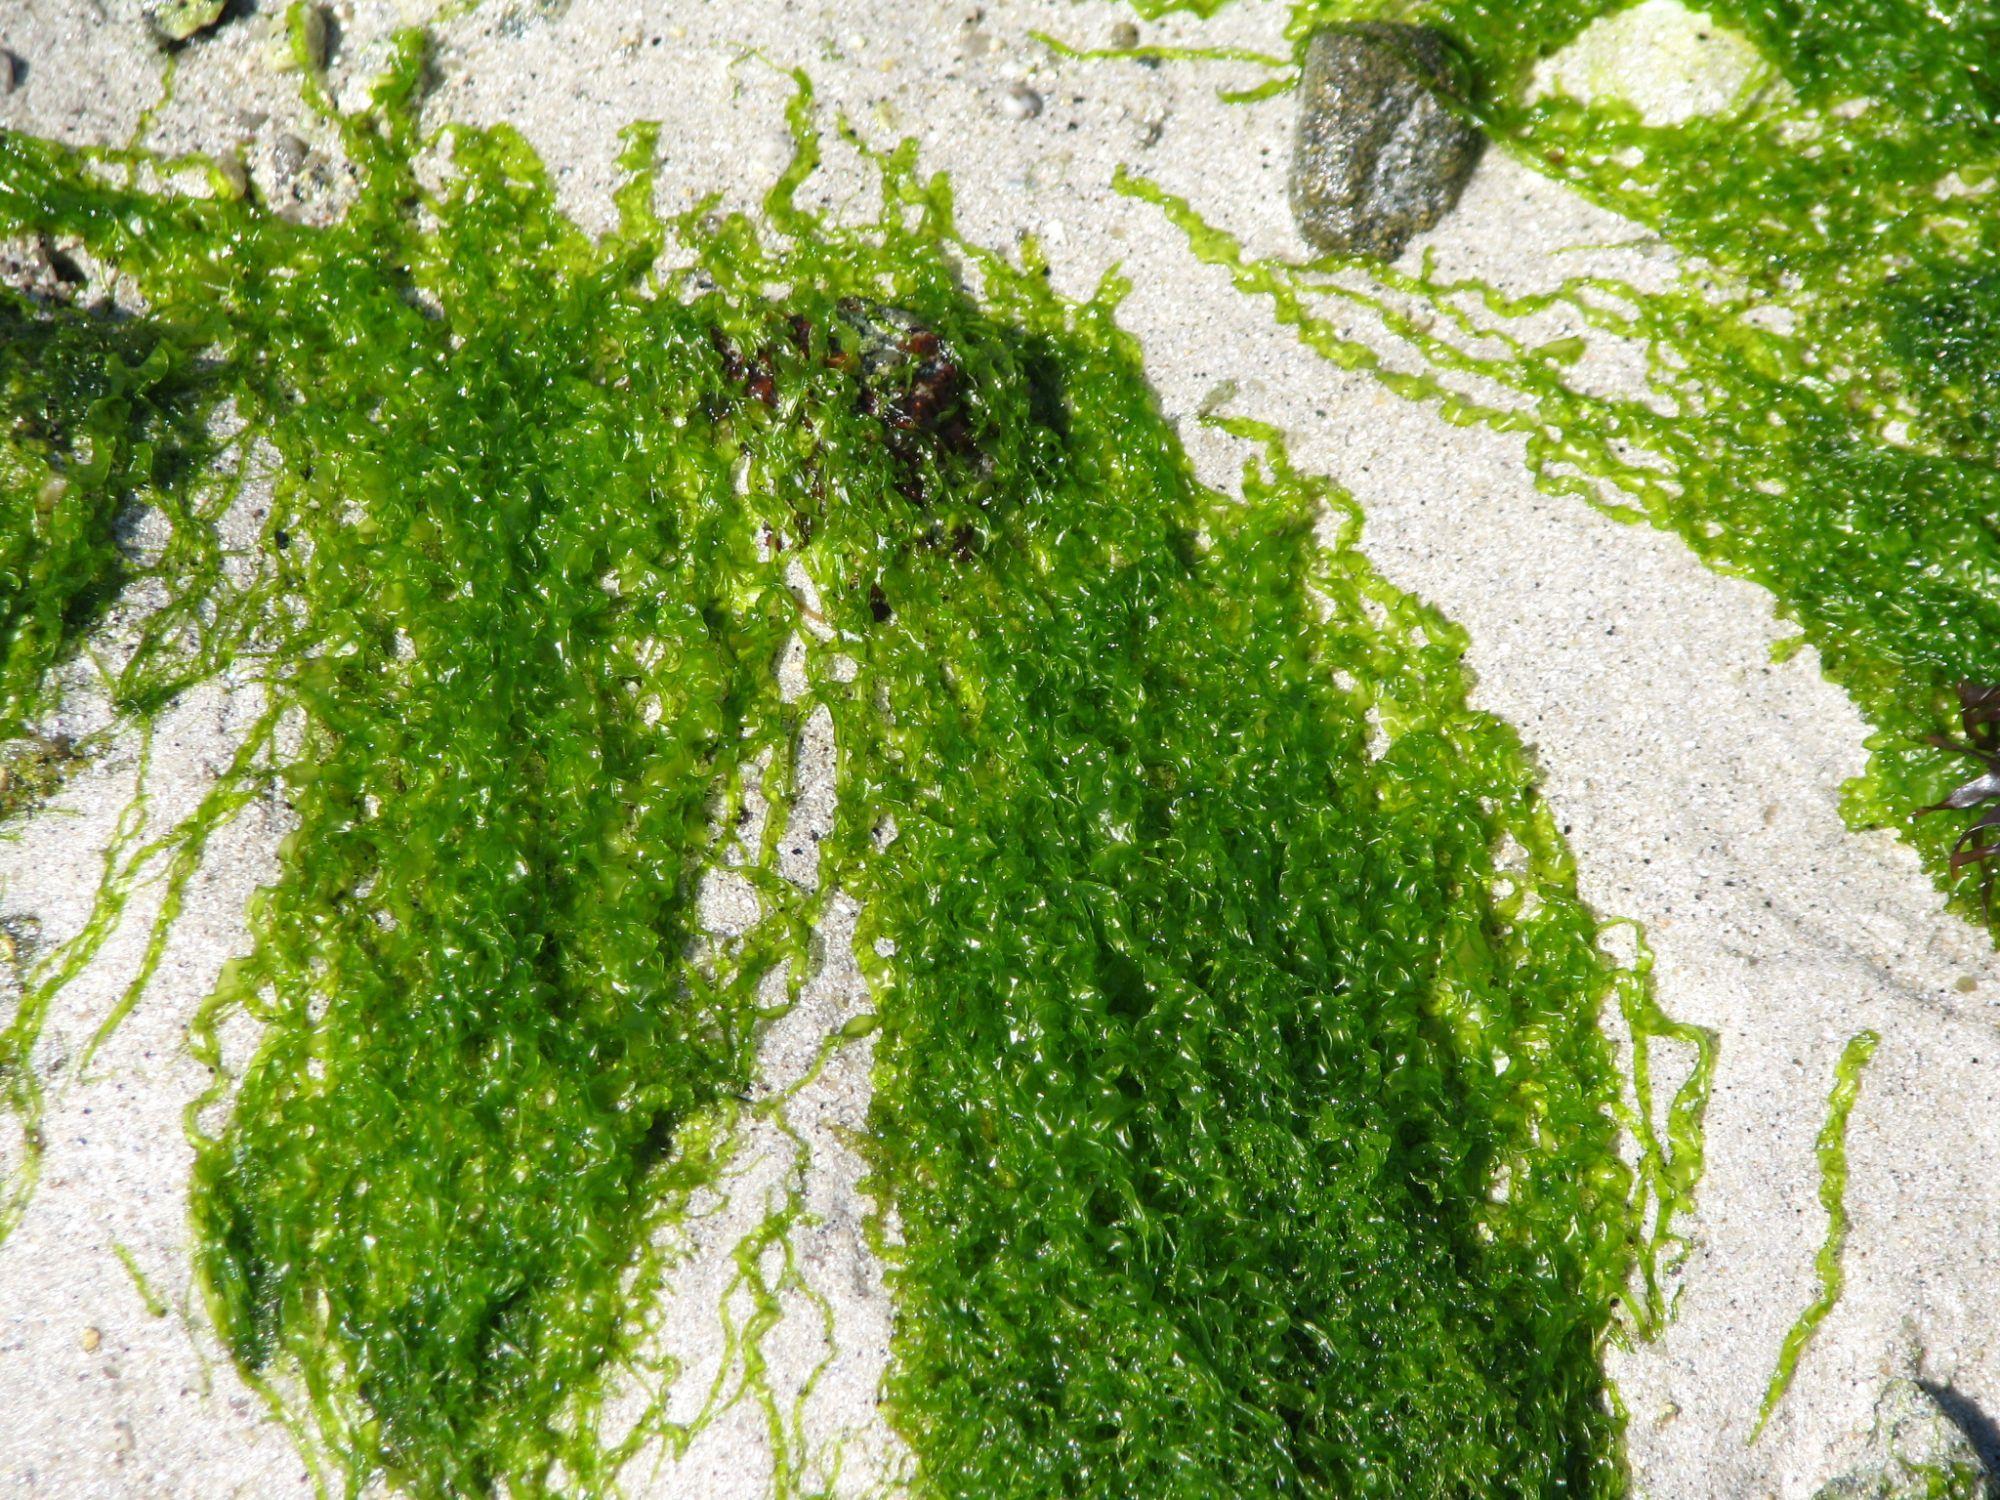 Peuton fabriquer du biocarburant à partir d'algues